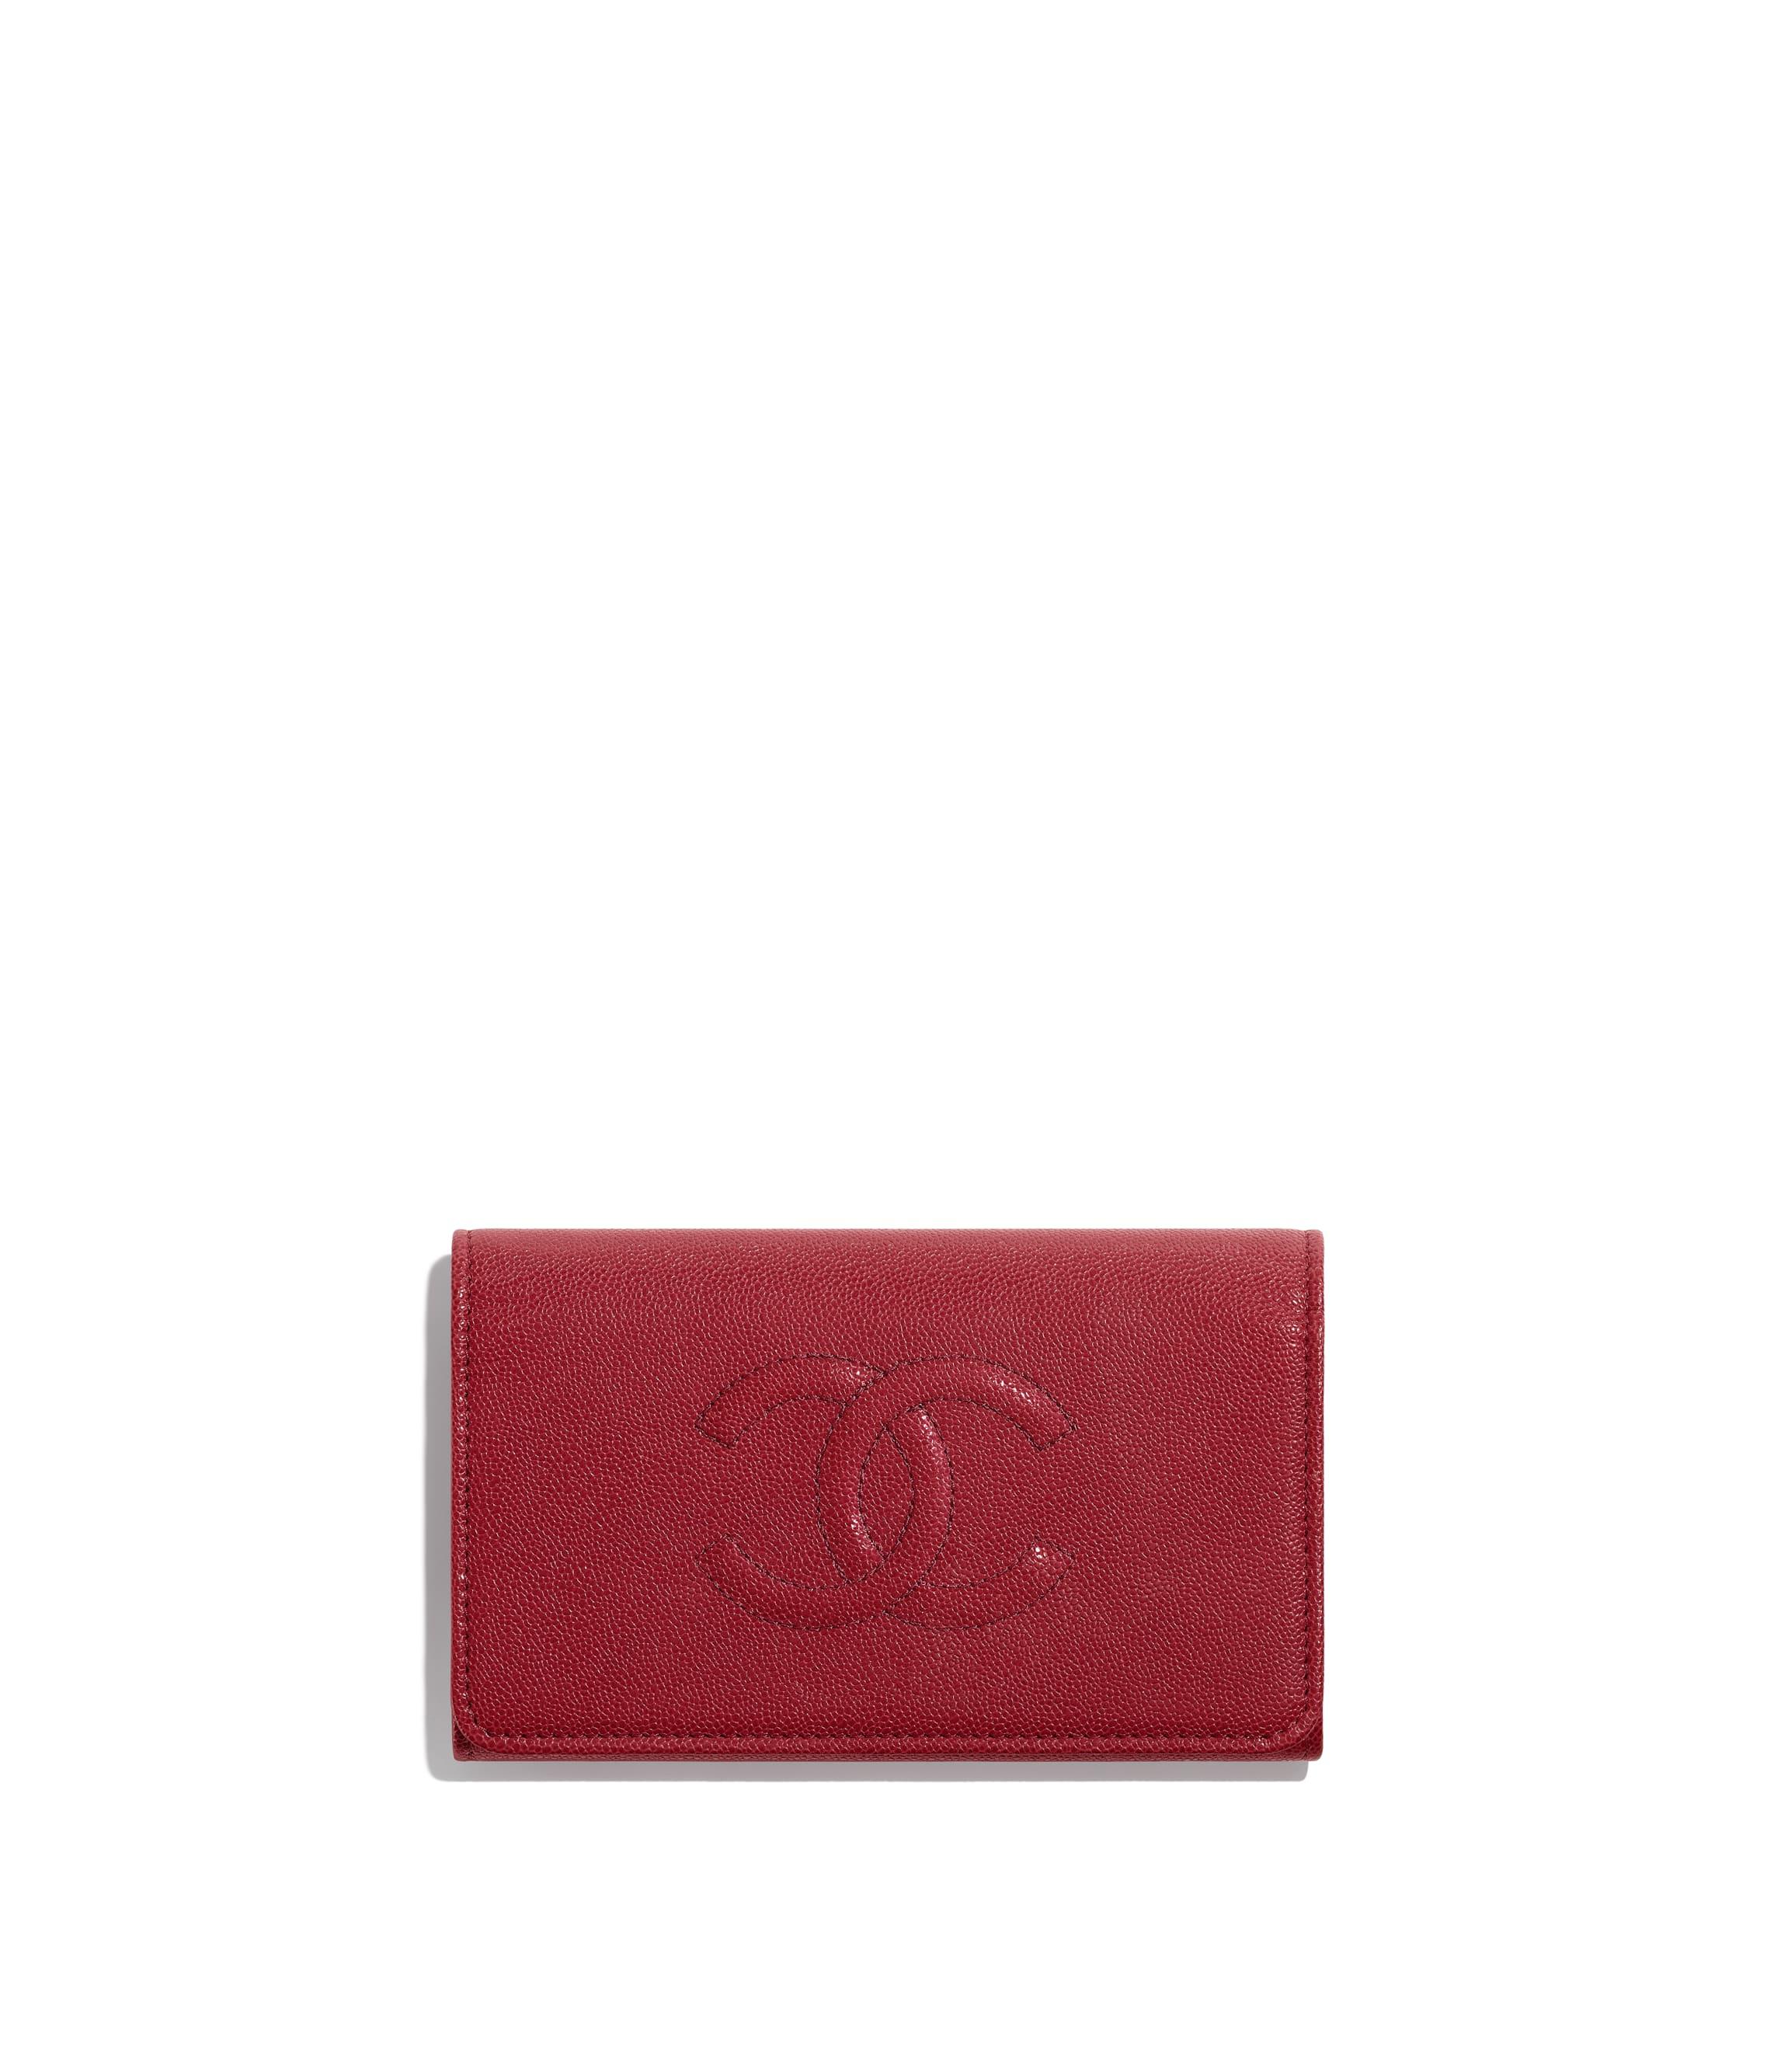 플랩 지갑